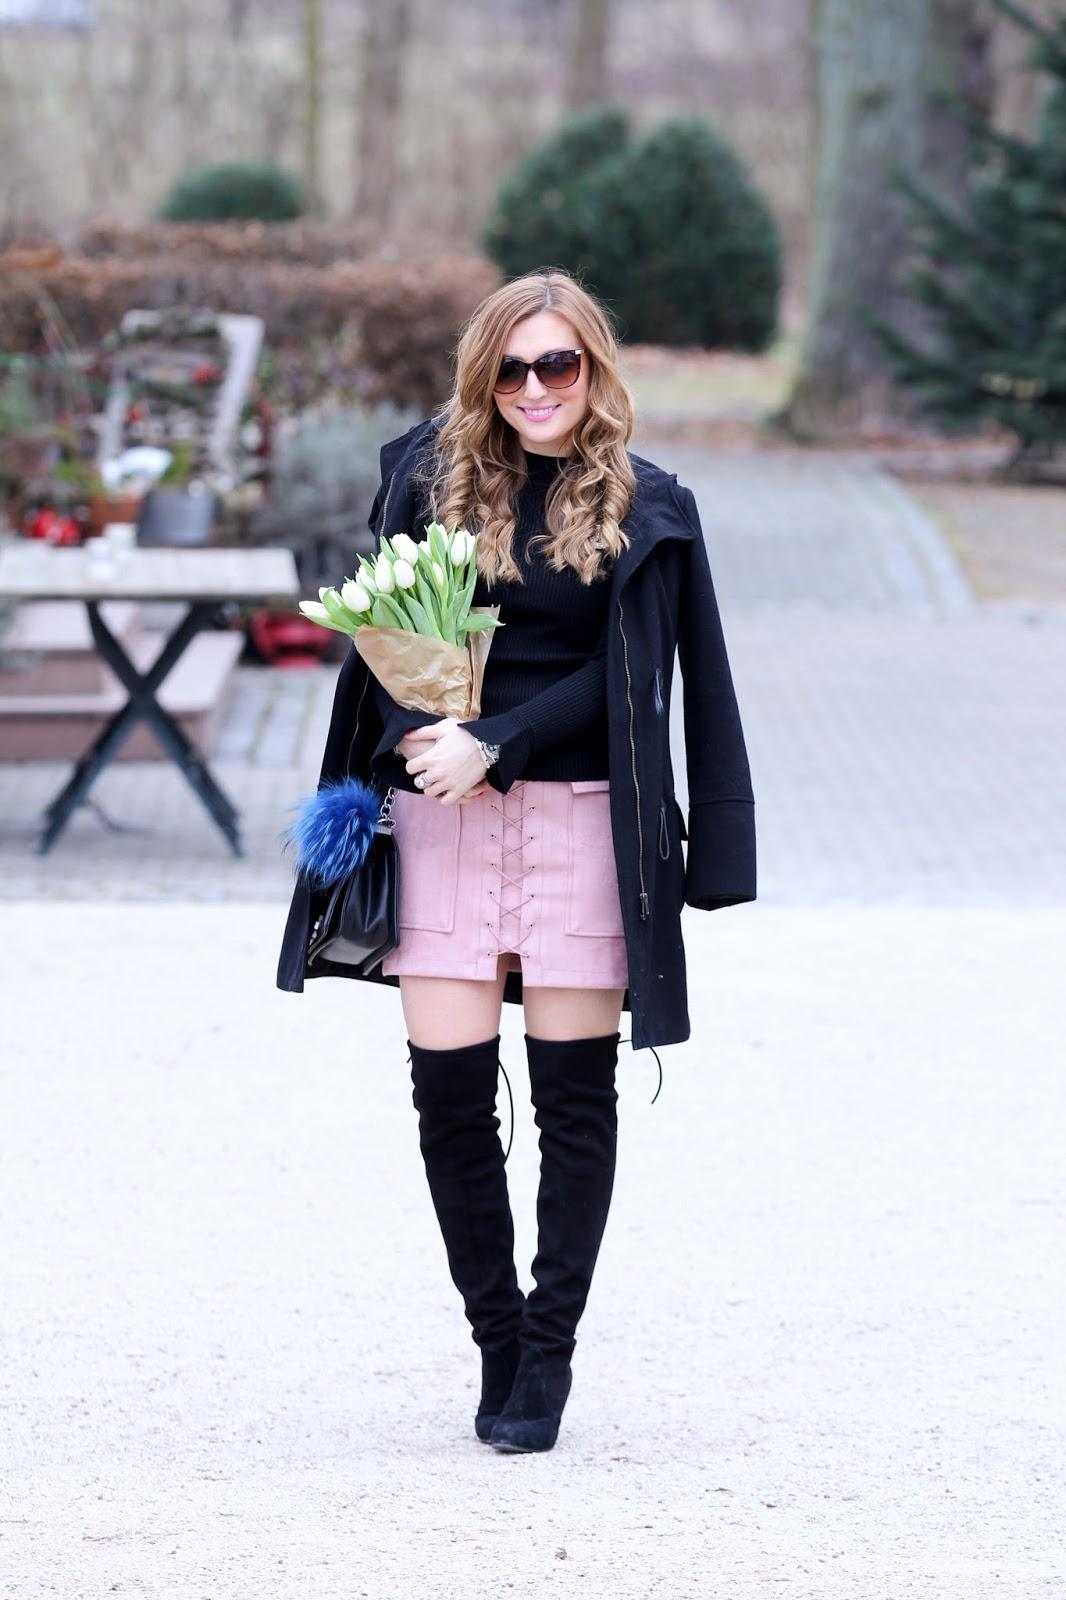 zaful-zaful-rock-rosa-rock-fashionblogger-look- blogger-aus-deutschland-fashionstylebyjohanna